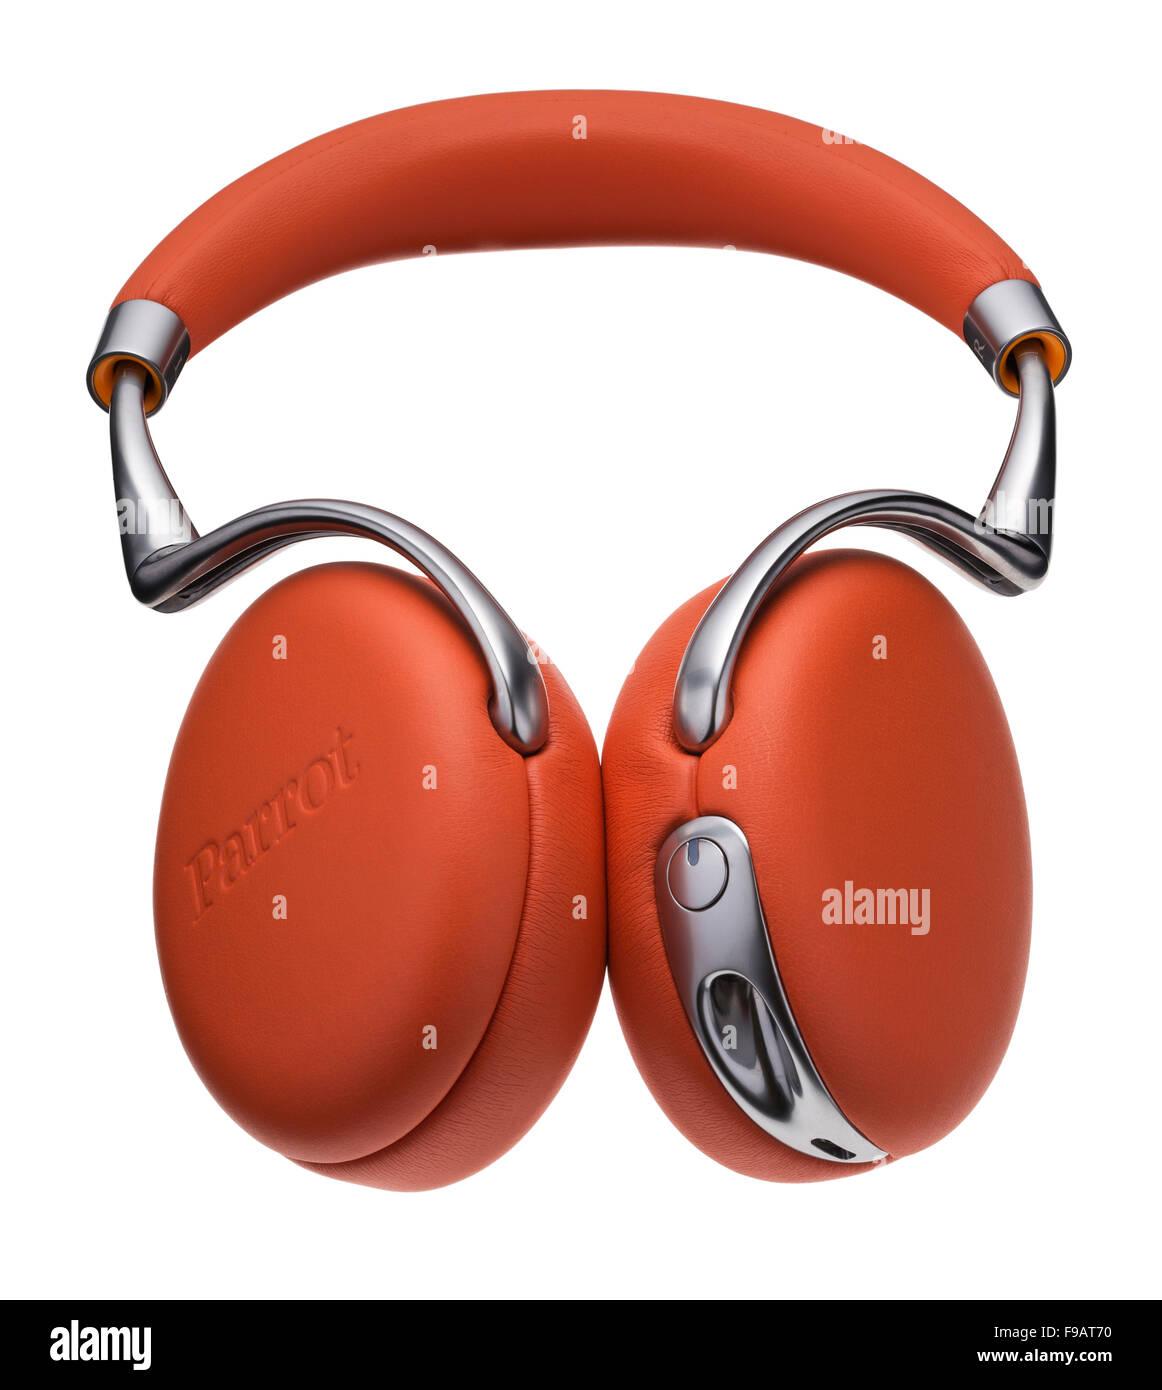 Parrot orange leather headphones. - Stock Image